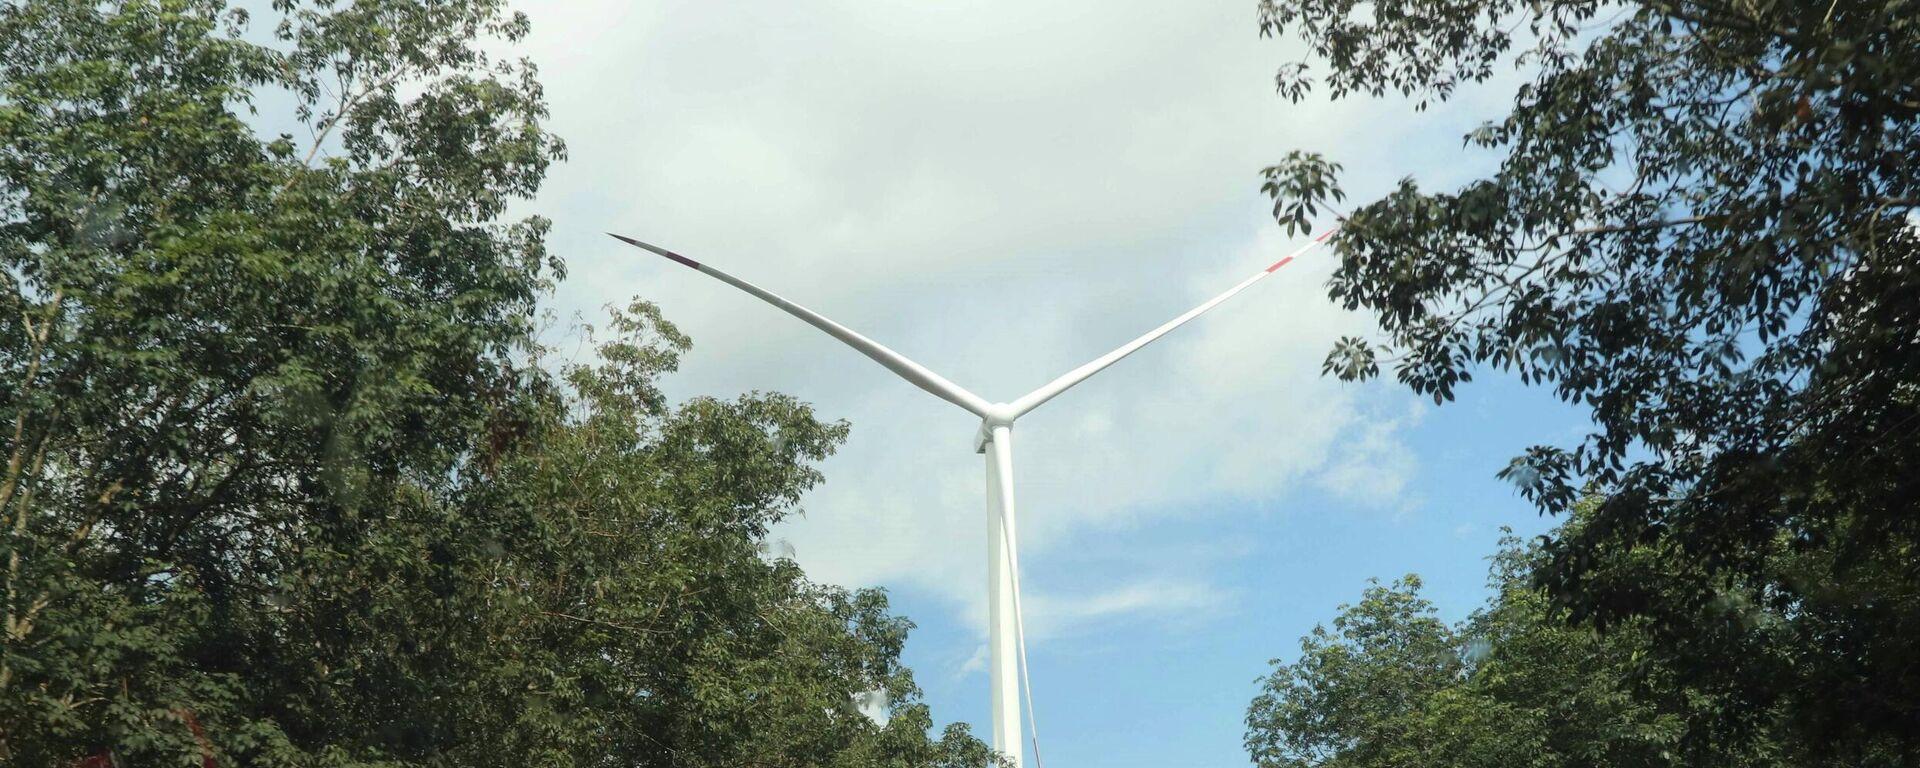 Những dự án điện gió với kỳ vọng thúc đẩy phát triển kinh tế - xã hội - du lịch cho Gia Lai - Sputnik Việt Nam, 1920, 13.10.2021